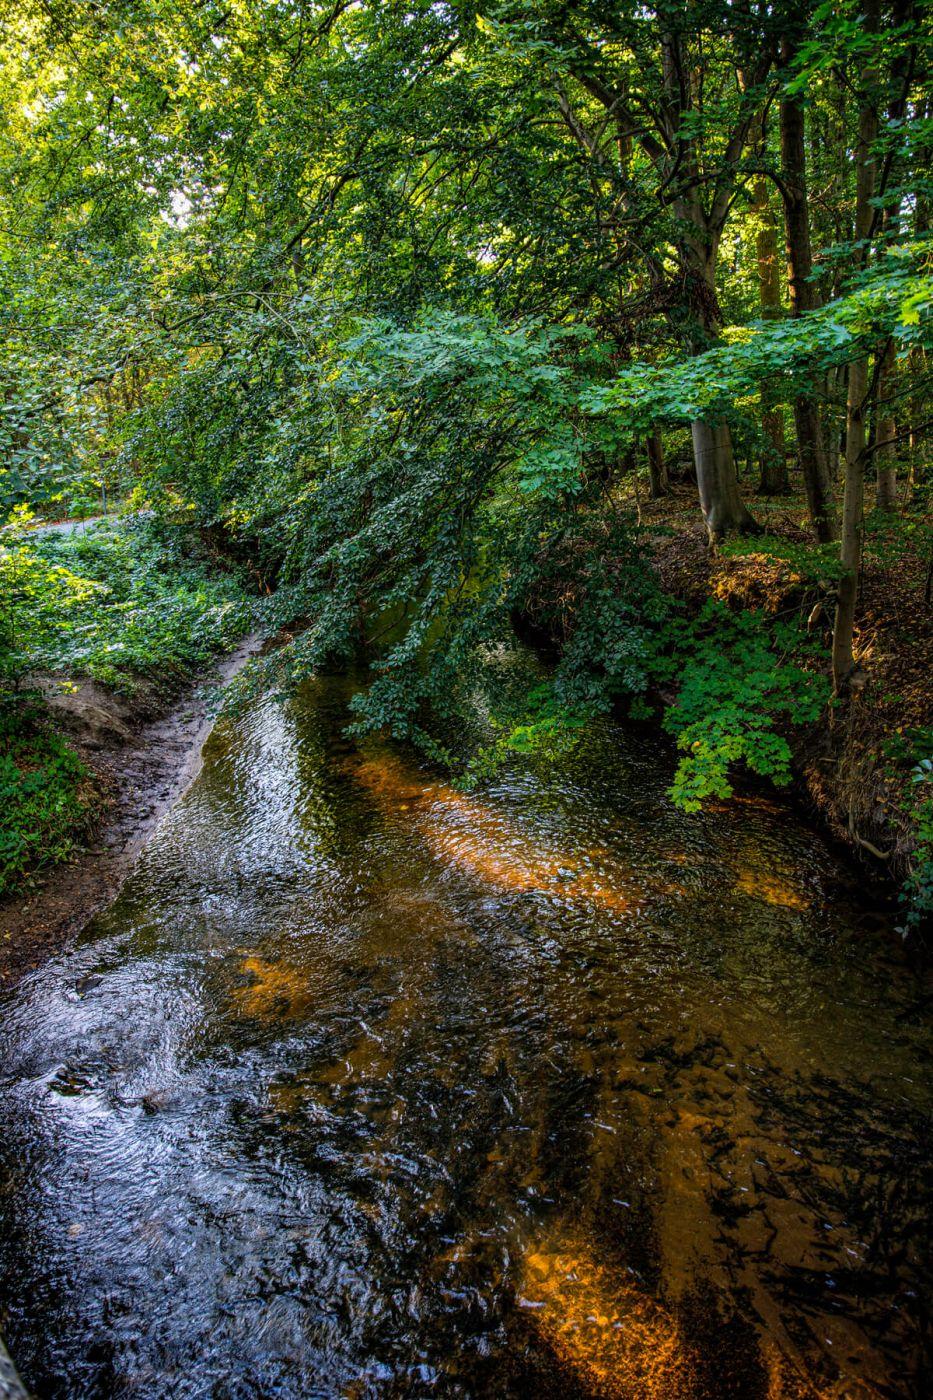 Fuhse River near Uetze, Germany